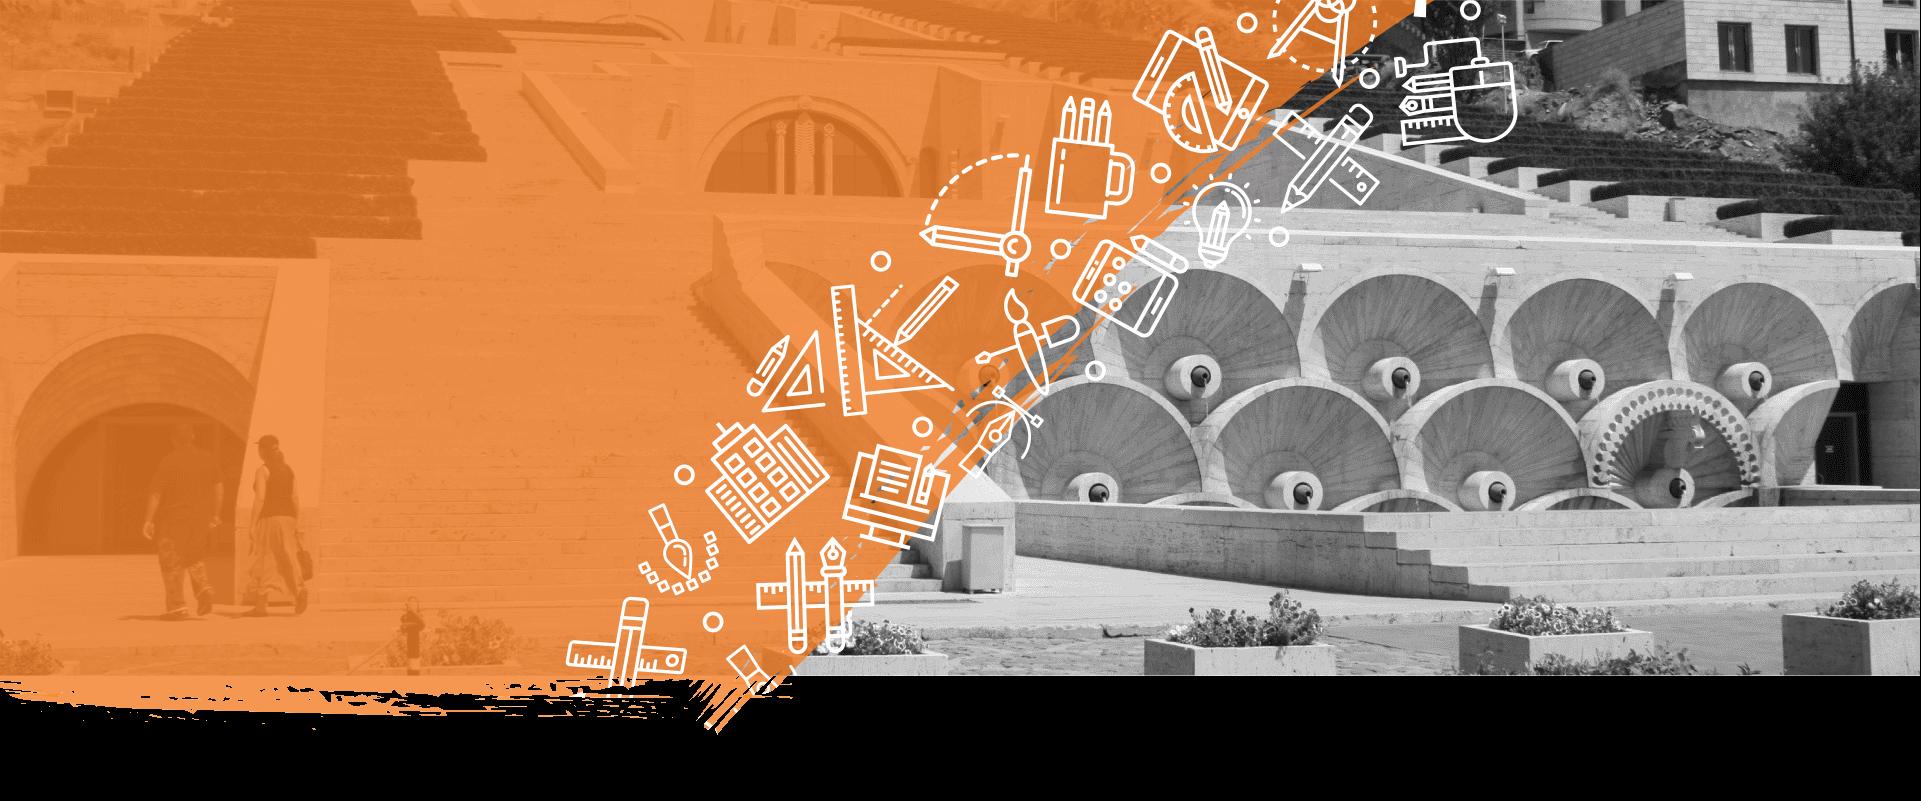 Առաջին անգամ Հայաստանում կանցկացվի Creative Armenia բիզնես առաջնությունը